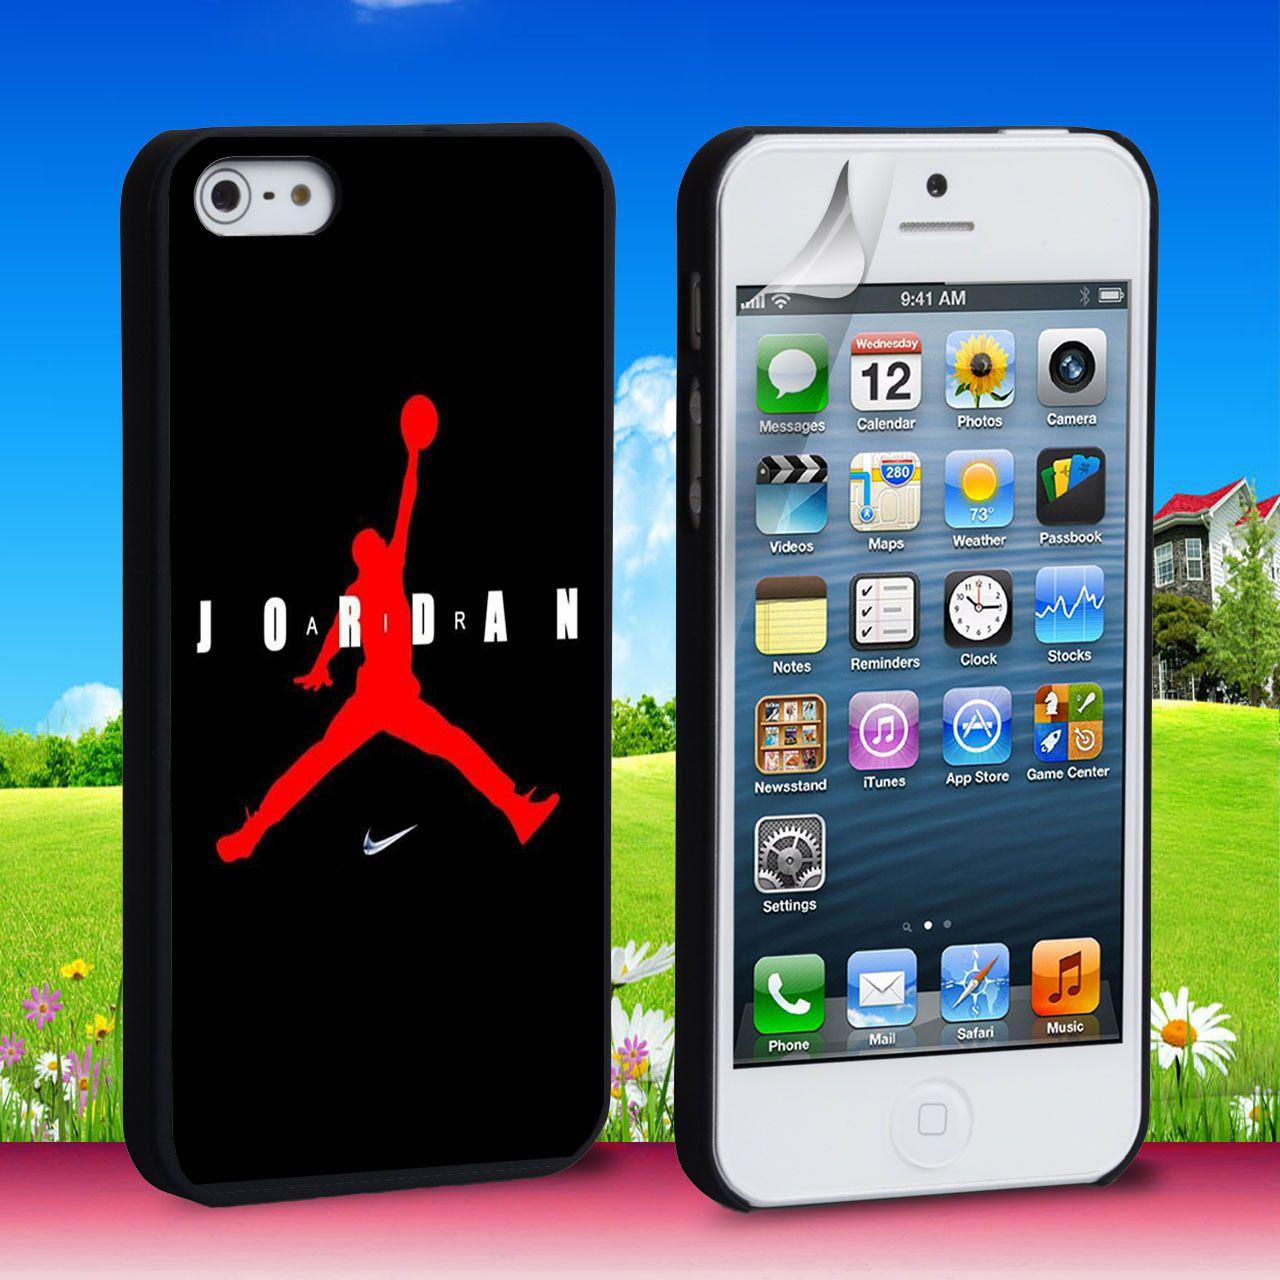 Jordan Air Iphone 4 5 6 6 Plus Case Iphone Iphone 4 Case